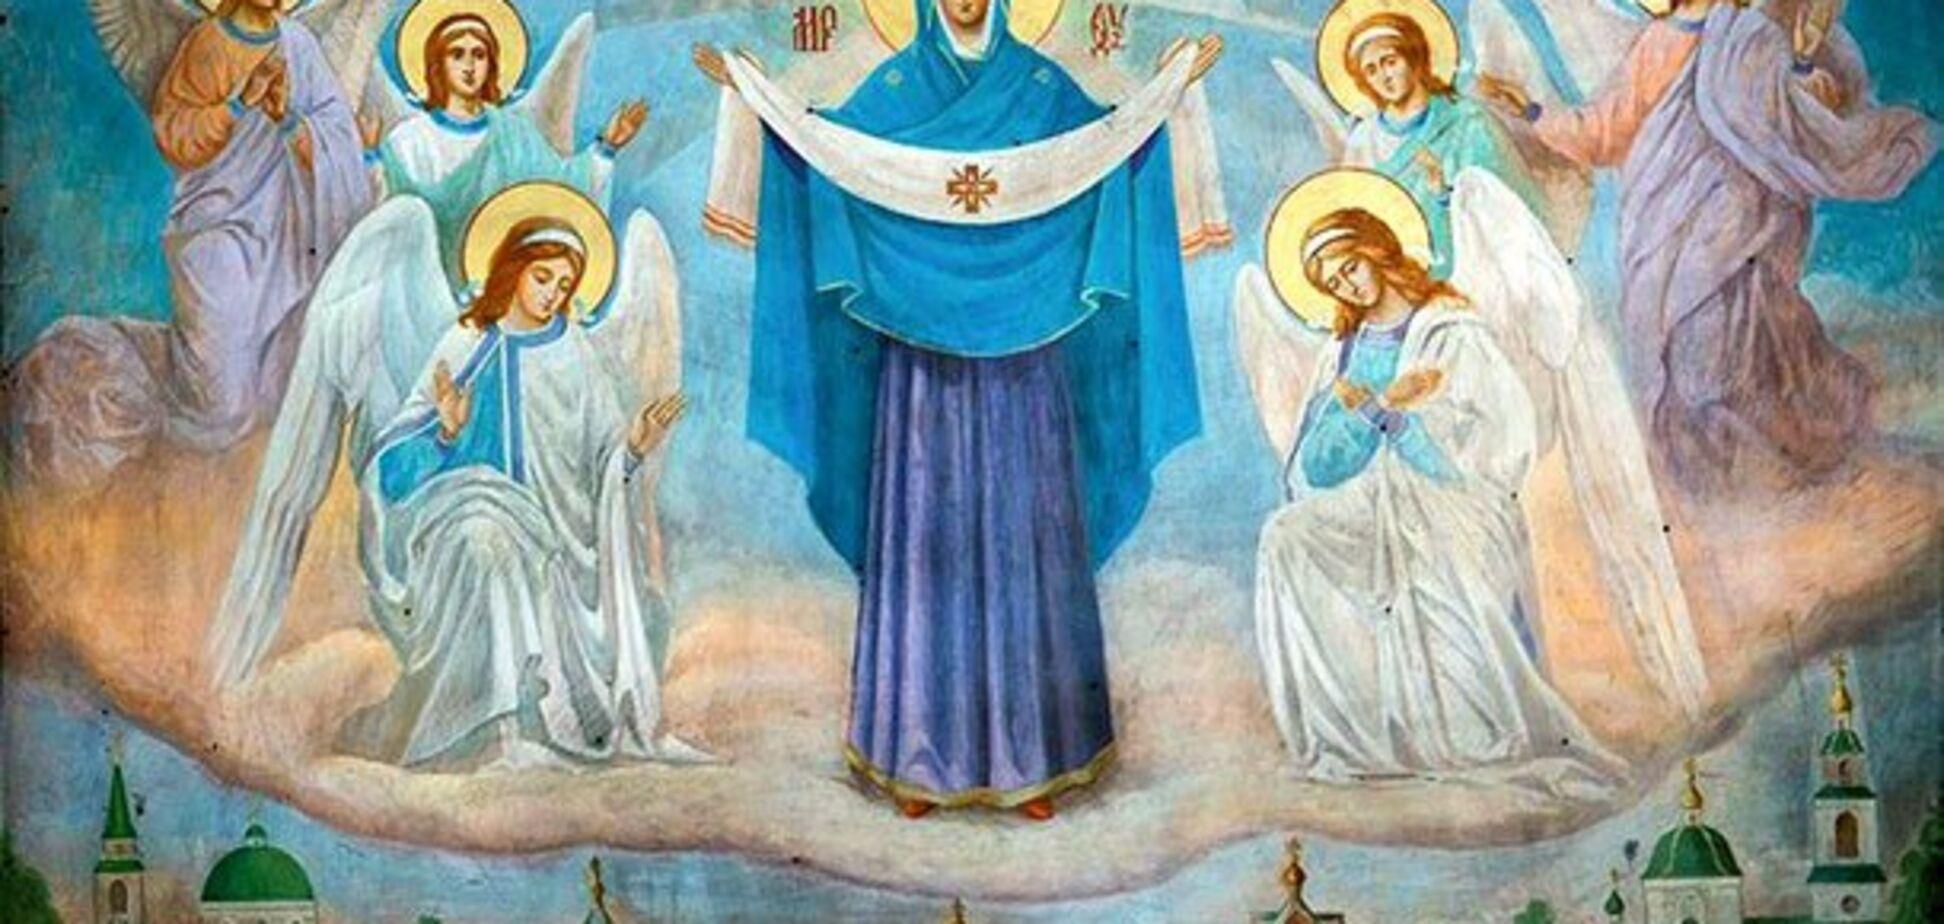 Покров Пресвятой Богородицы 2018: что нельзя делать в этот день